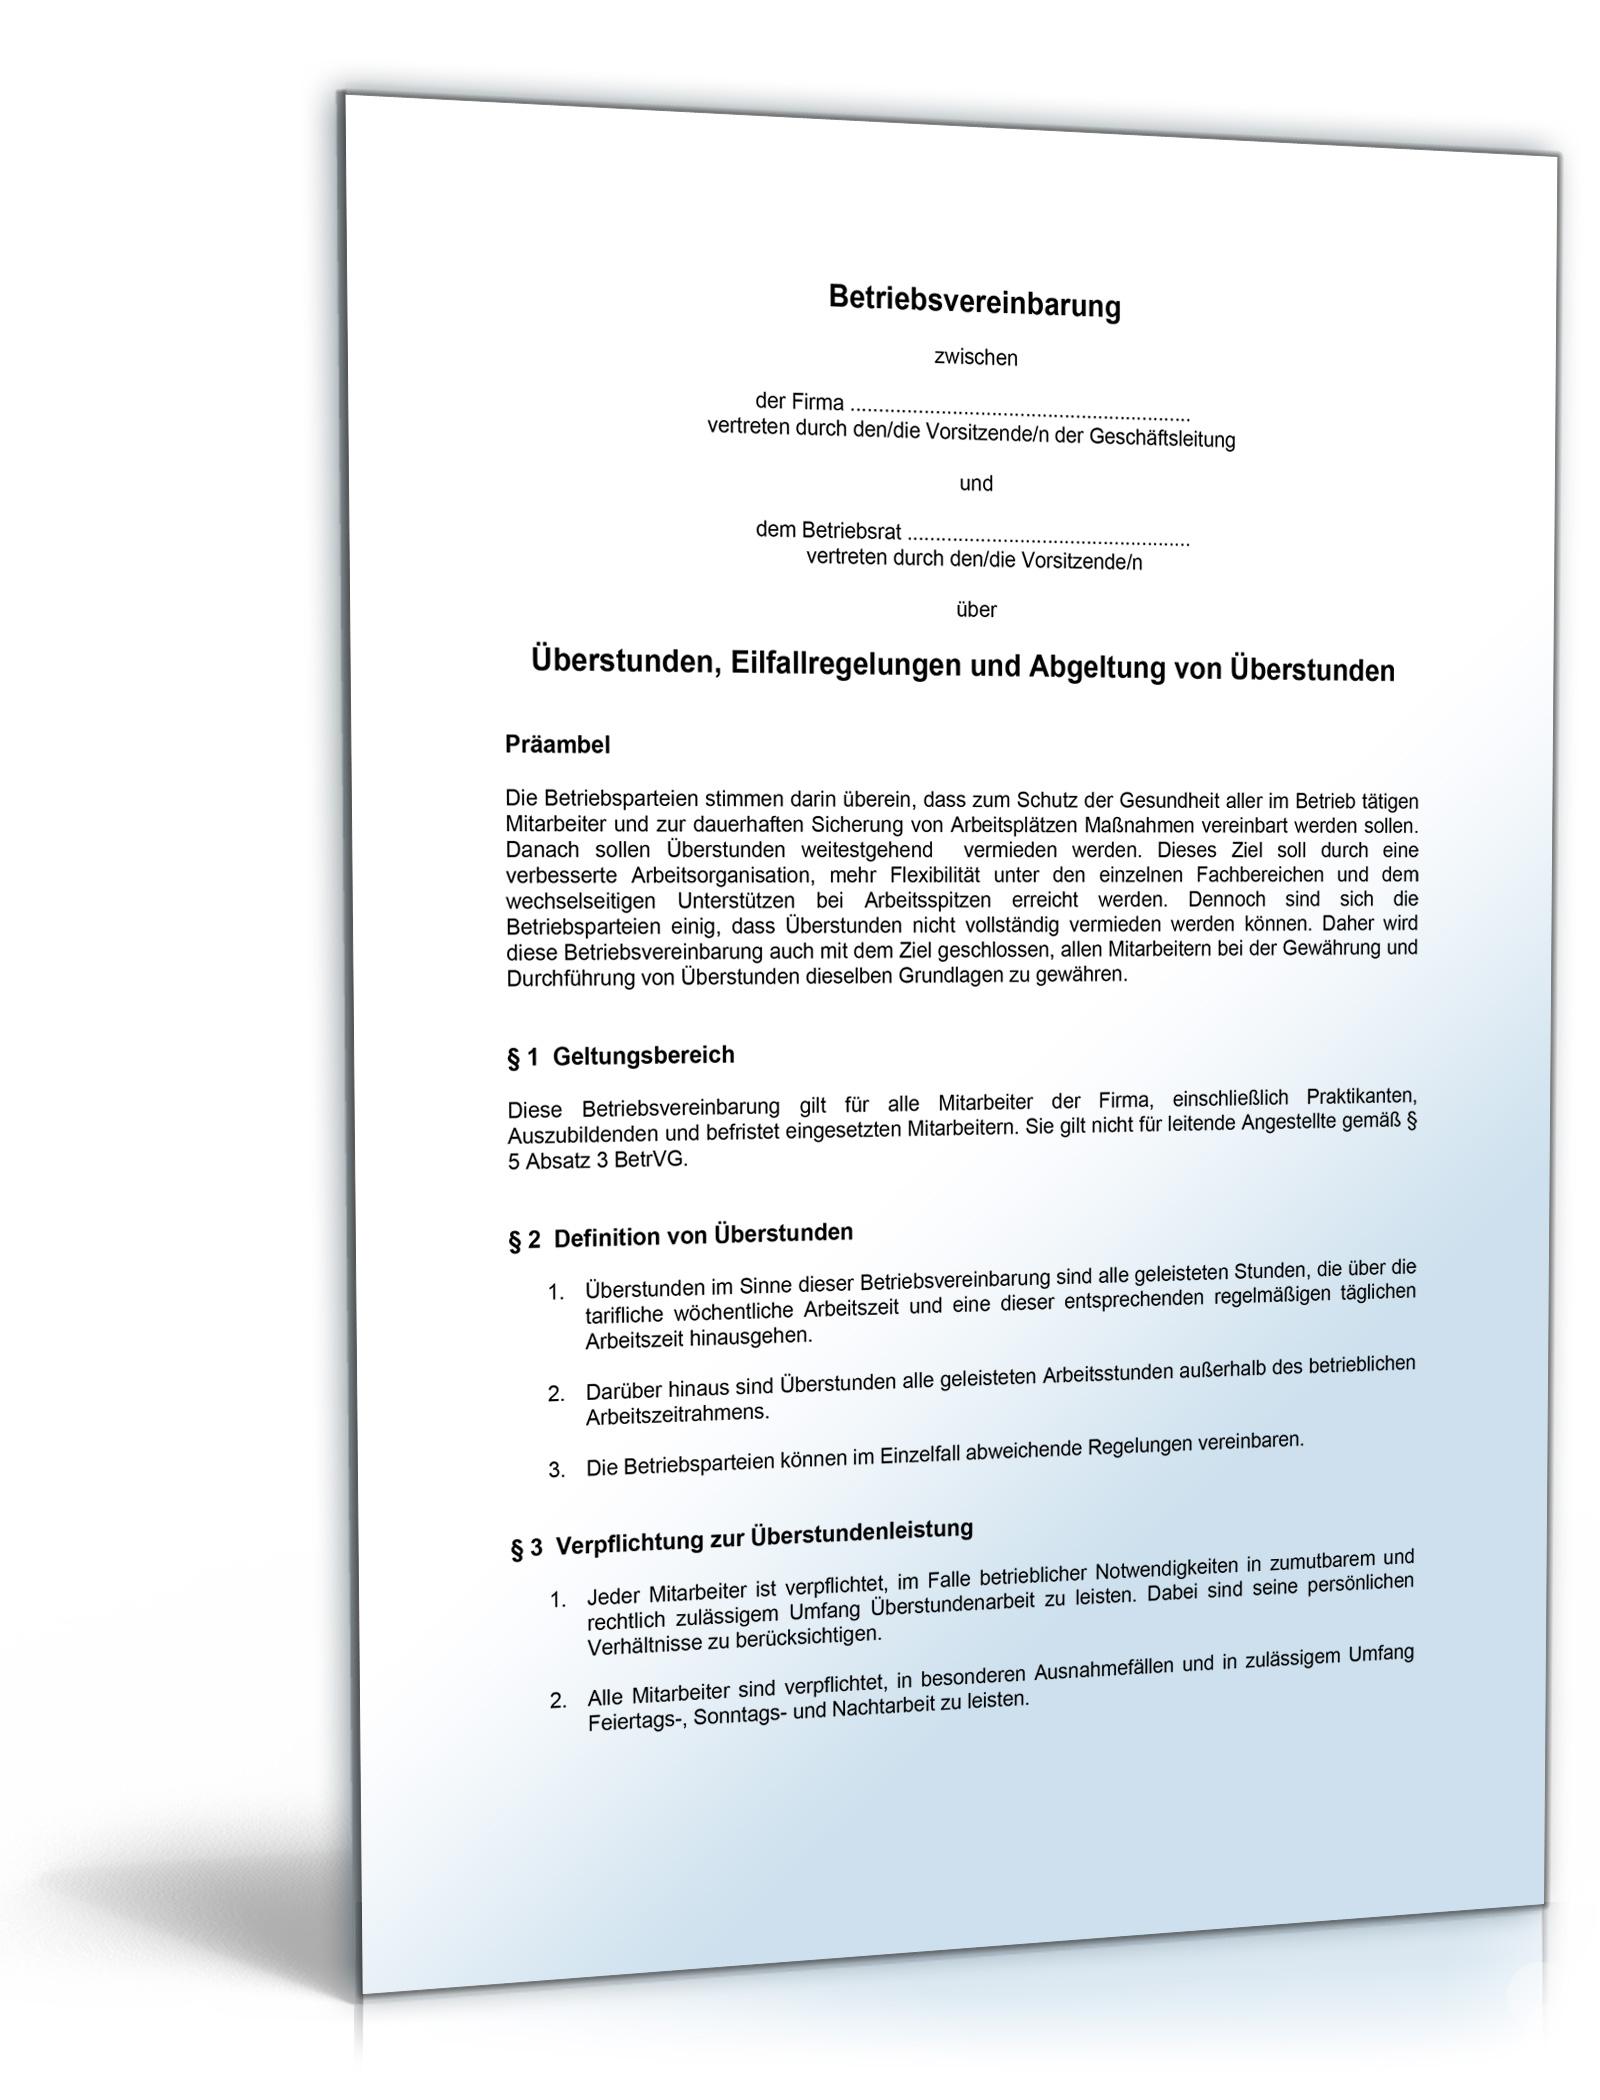 Betriebsvereinbarung Zu überstunden Pdf Download Amazonde Software